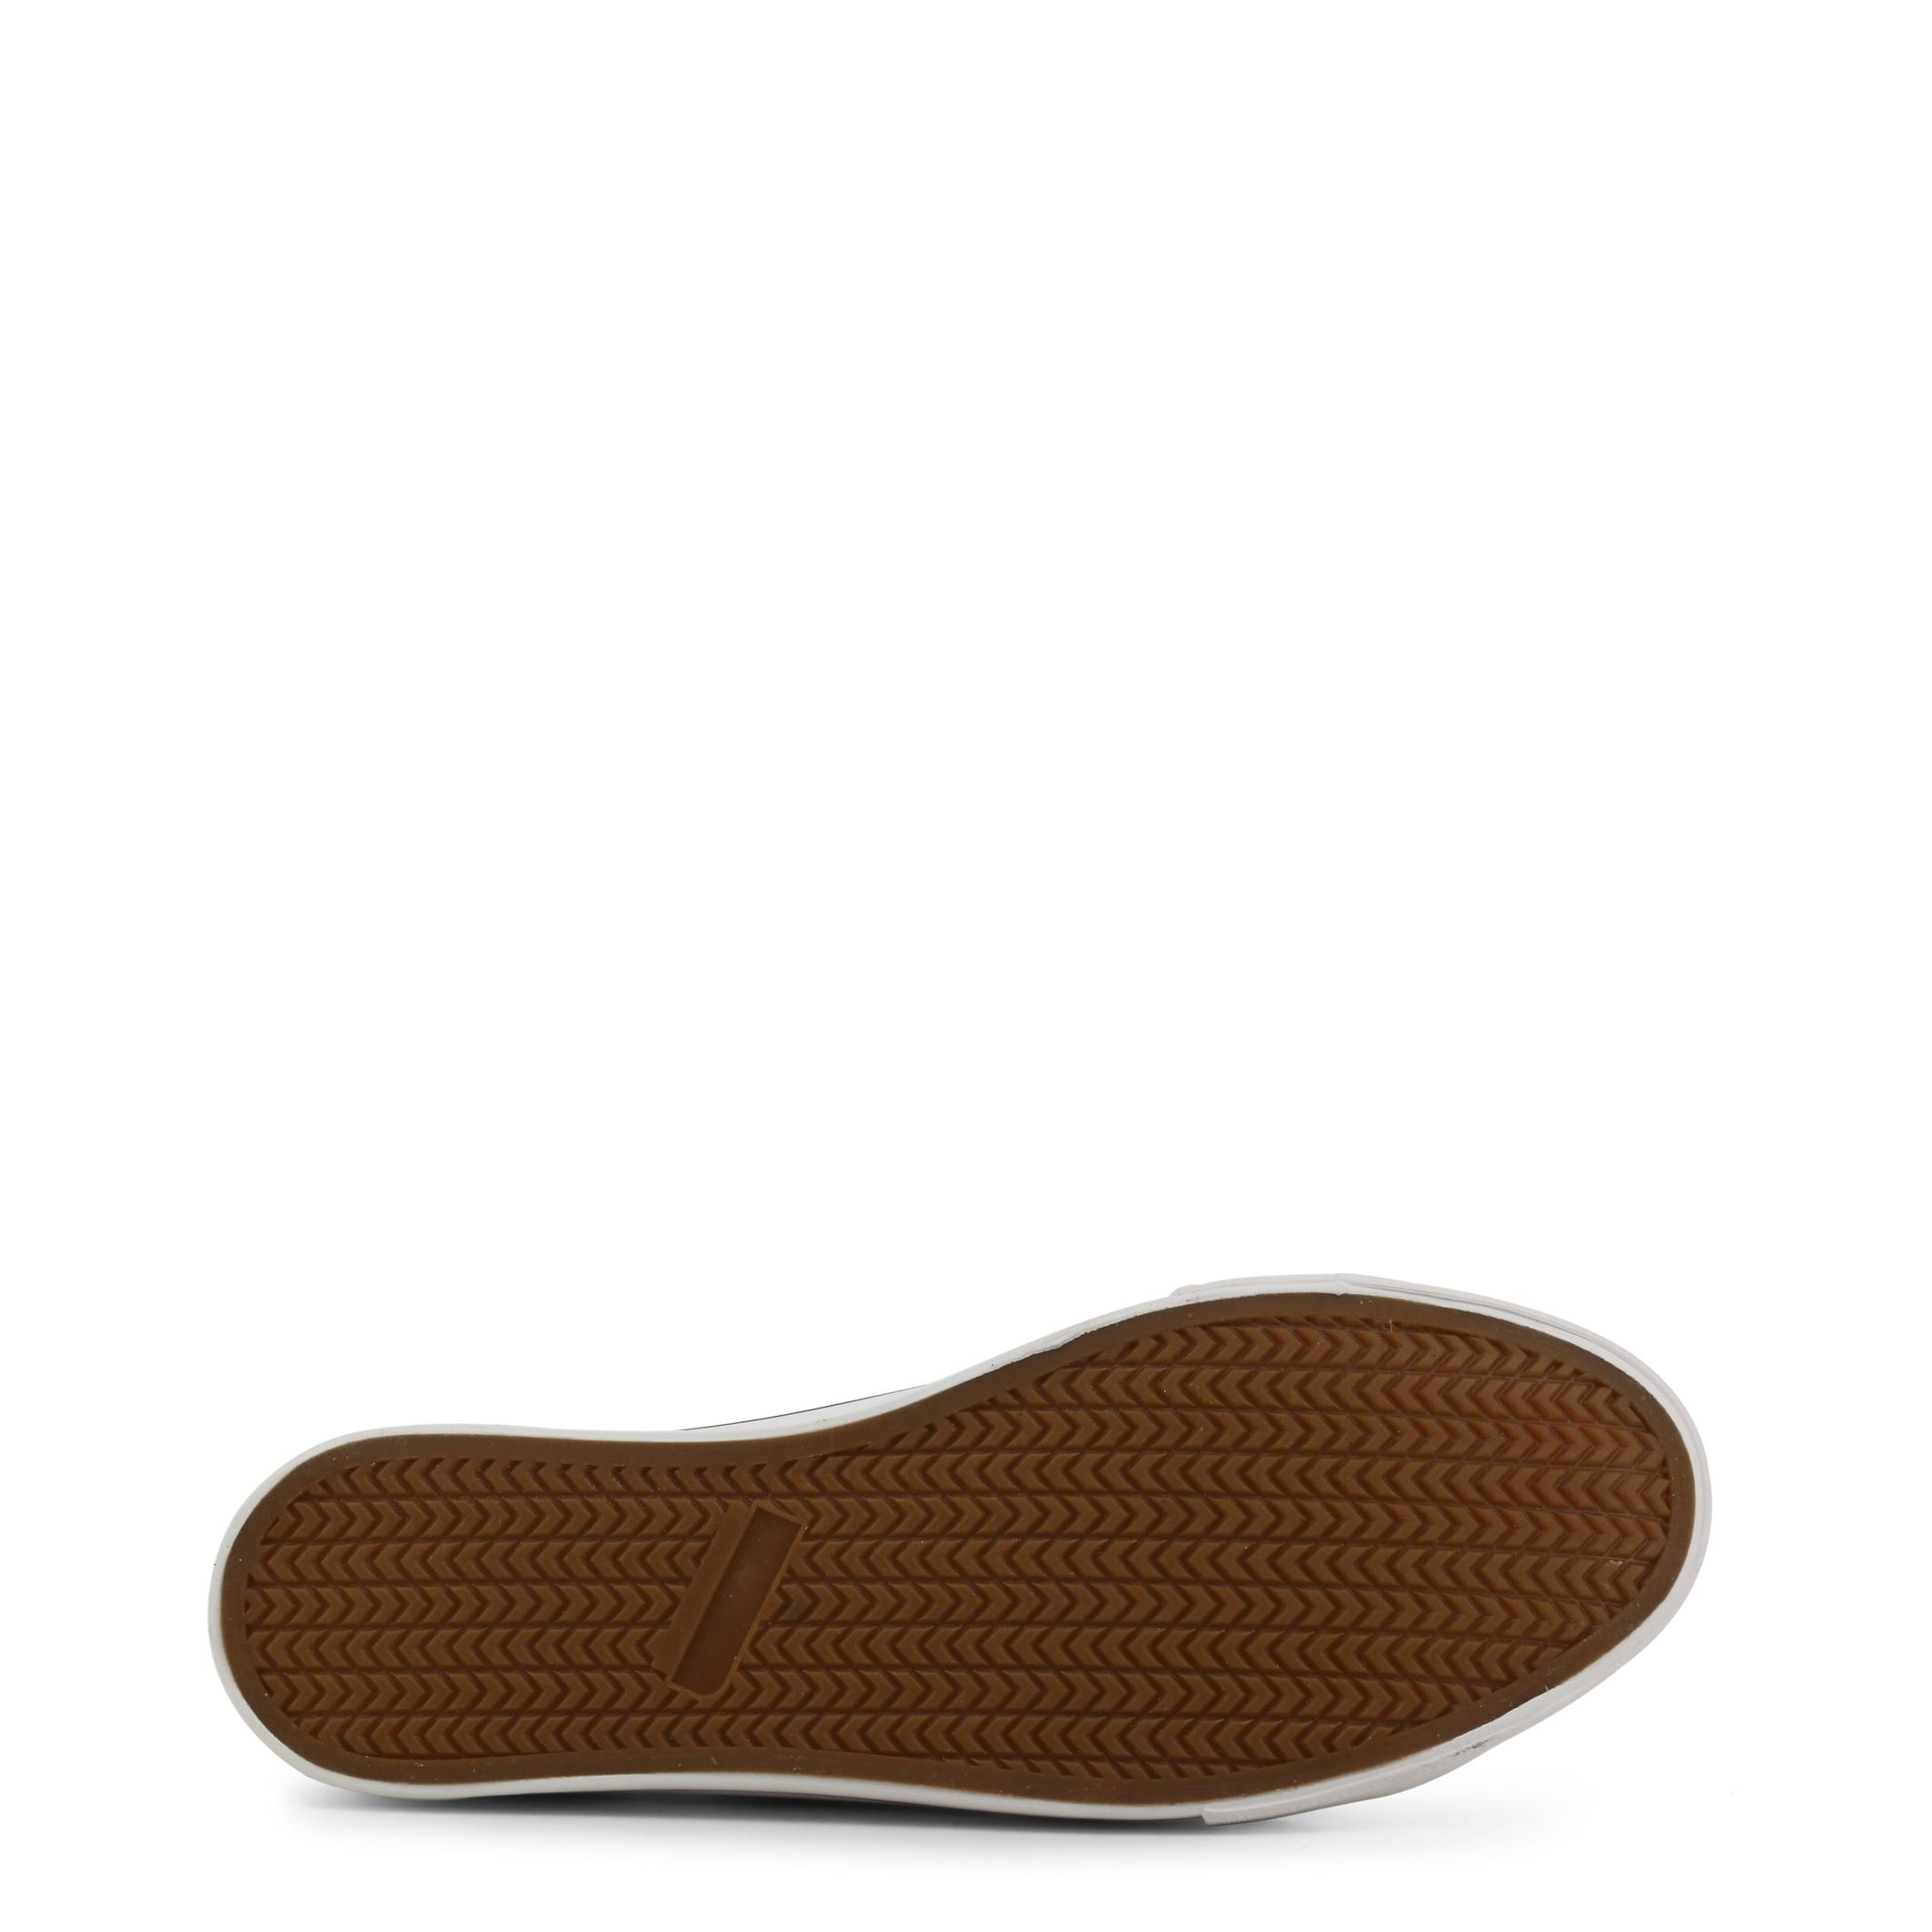 Chaussures de ville  Dunlop 35173 white